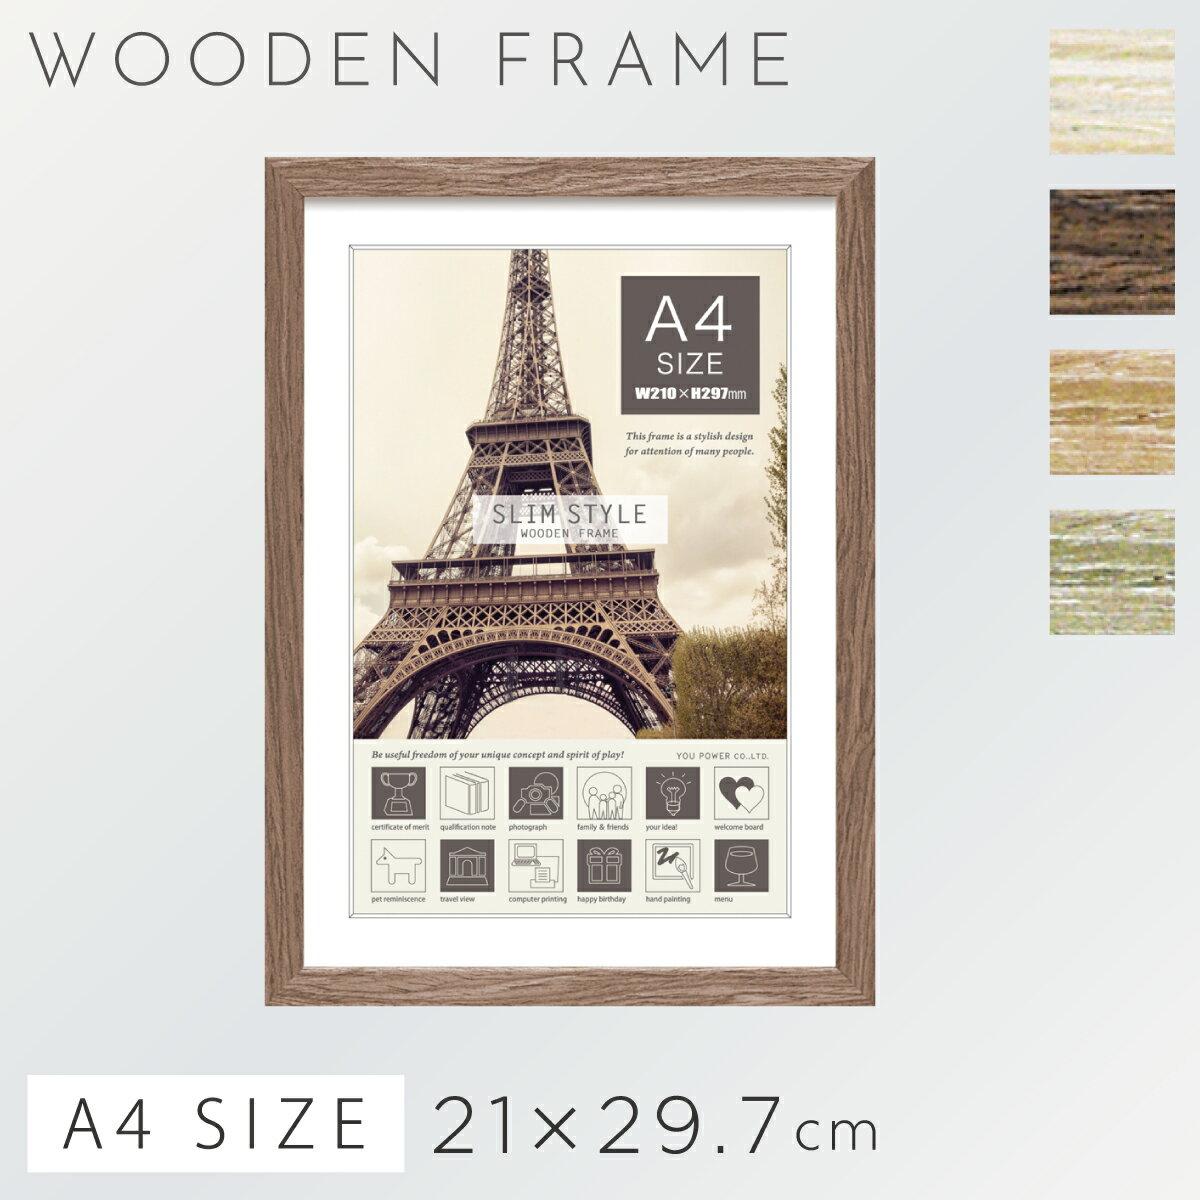 フォトフレーム 写真立て 卓上用 壁掛け 木製 アンティーク スリムスタイル 木製フォトフレーム A4サイズ